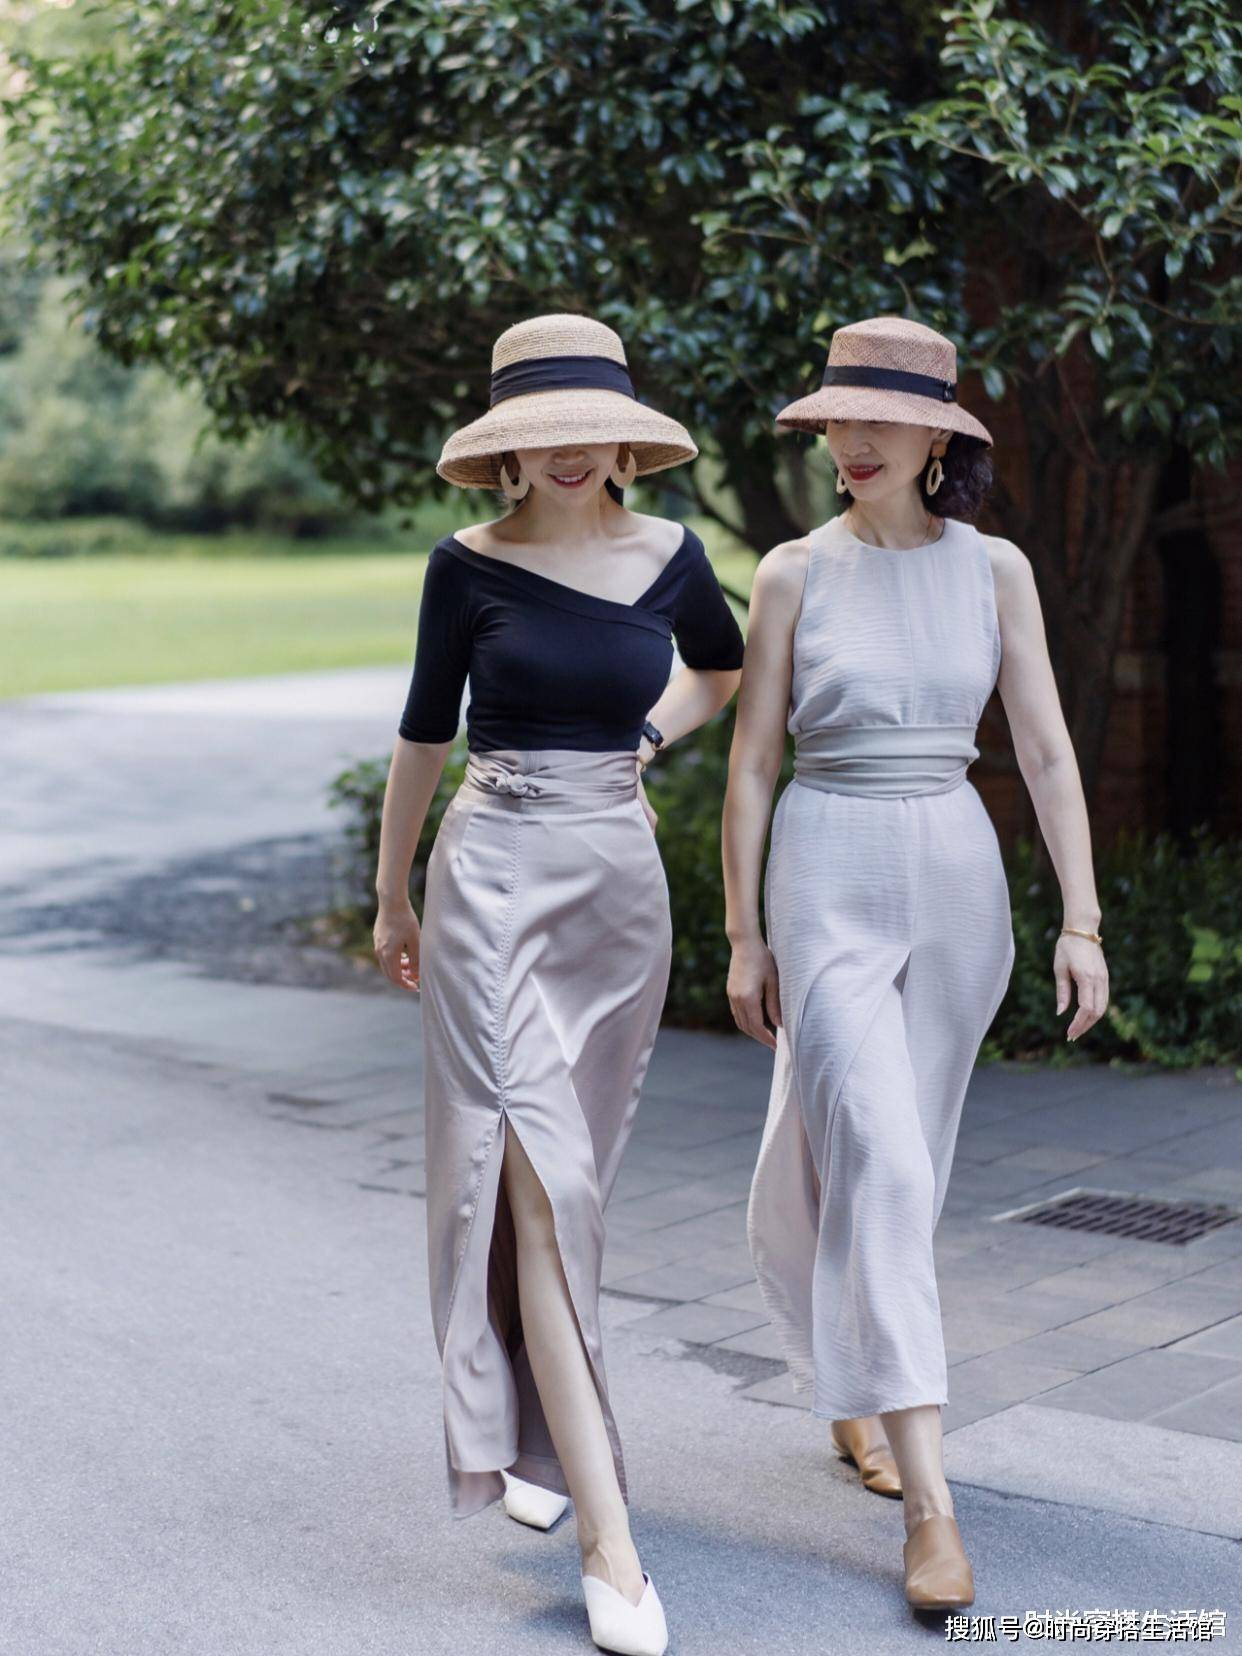 50岁女人穿衣可以穿紧身衣吗?50岁女人学三木这样穿优雅减龄又时髦